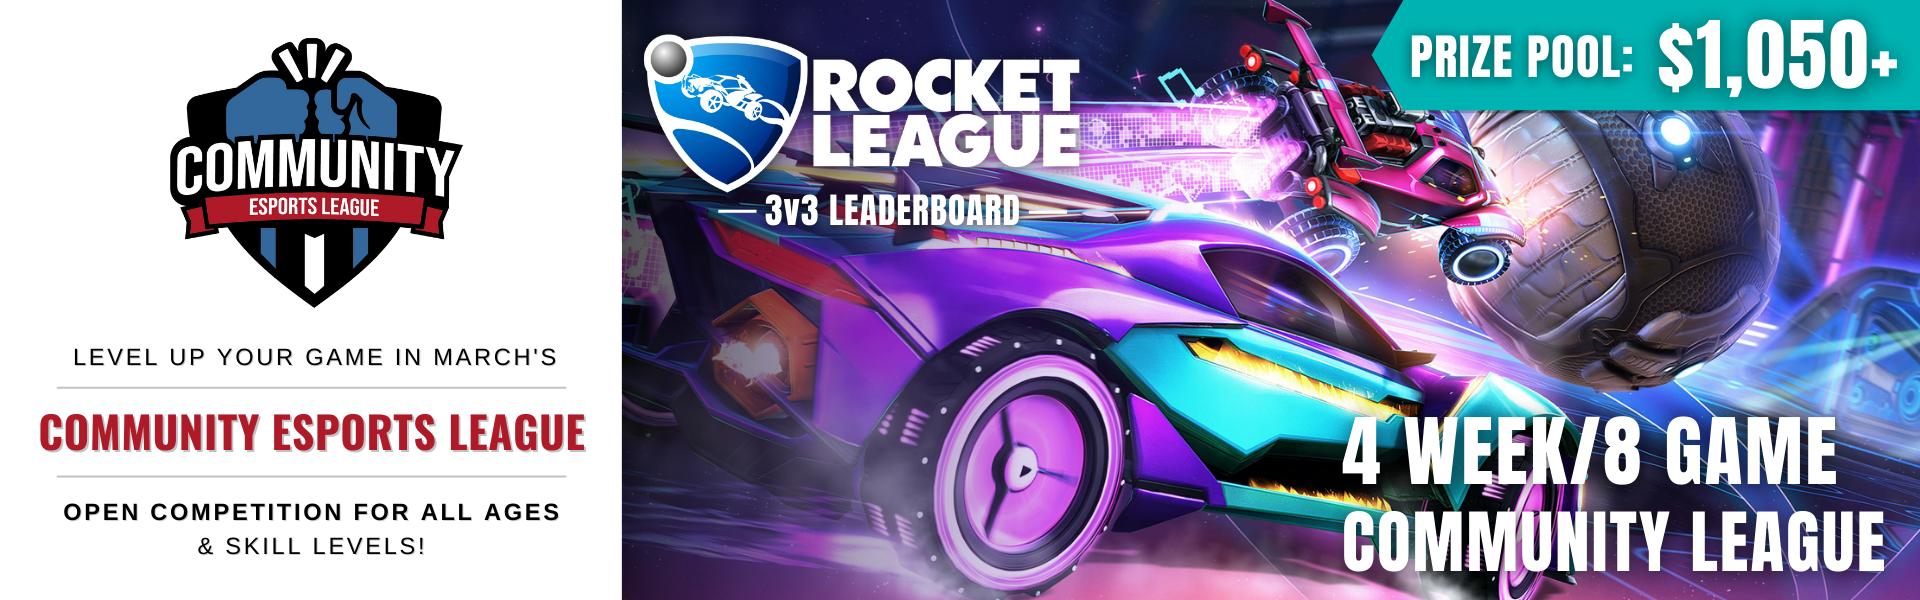 Rocket League: March